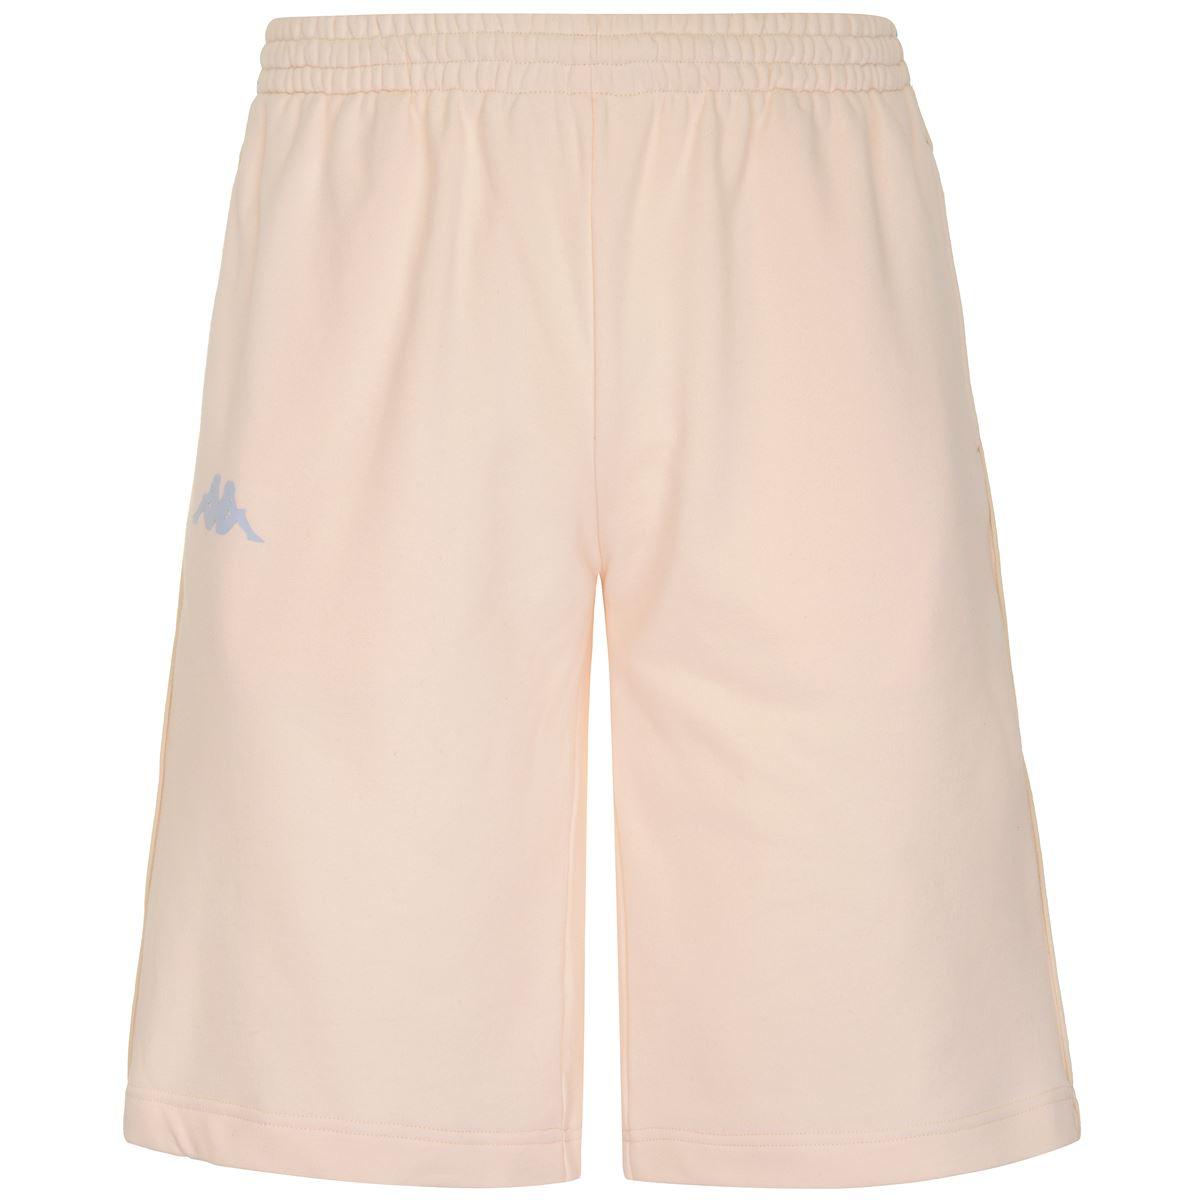 Shorts Kappa Authentic Gaber KAPPA   Shorts   38143FWA04